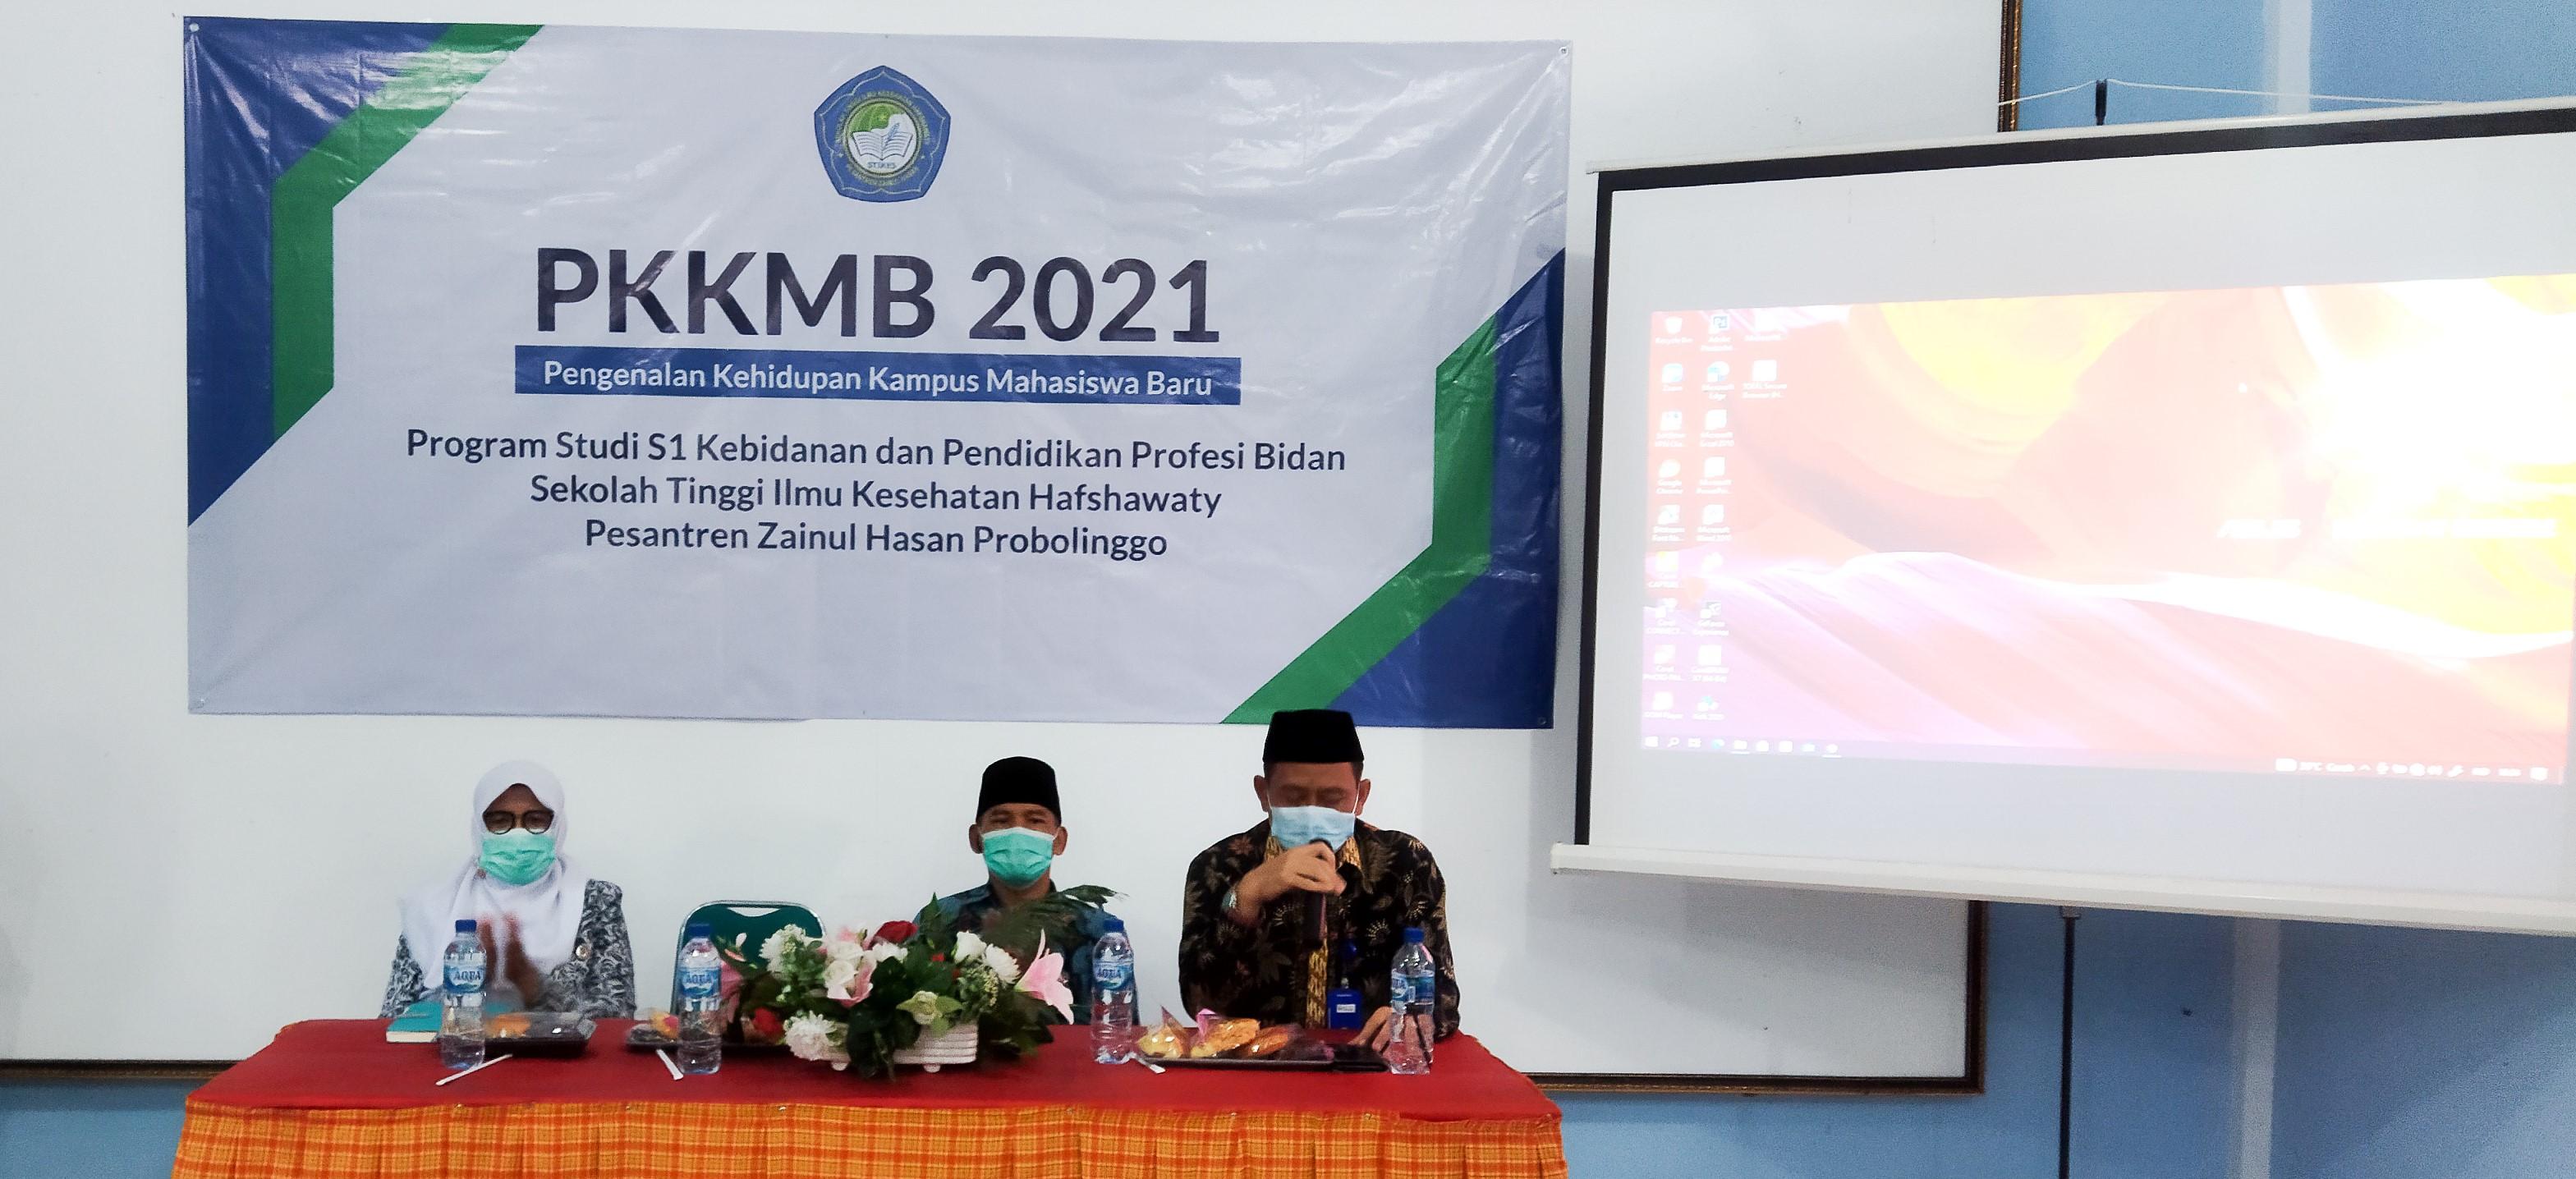 Menyambut Mahasiswa Baru S1 Kebidanan dan Pendidikan Profesi Bidan T.A 2021/2022